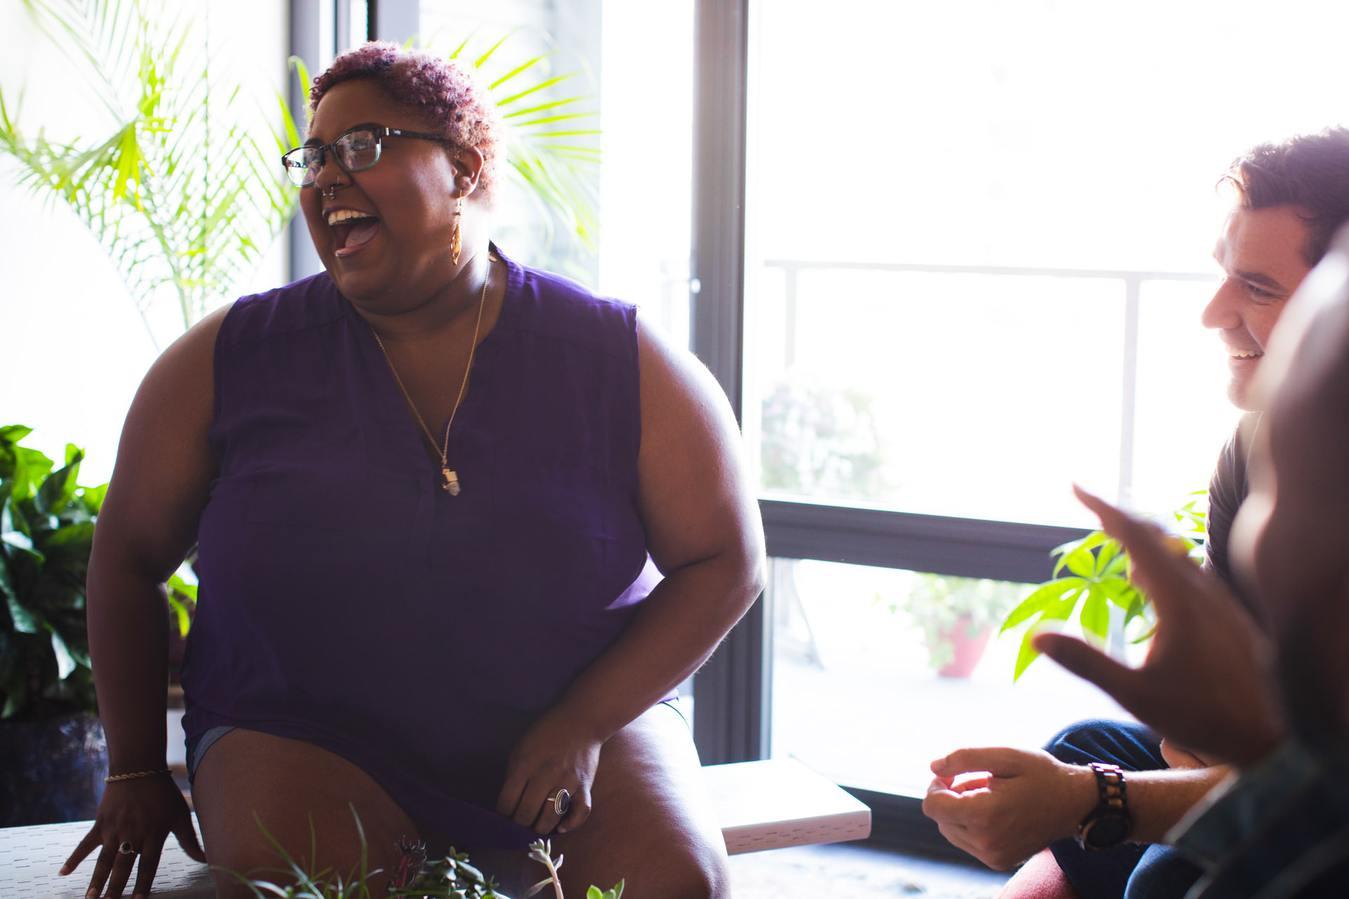 Wanita tertawa mengenakan shapewear plus size